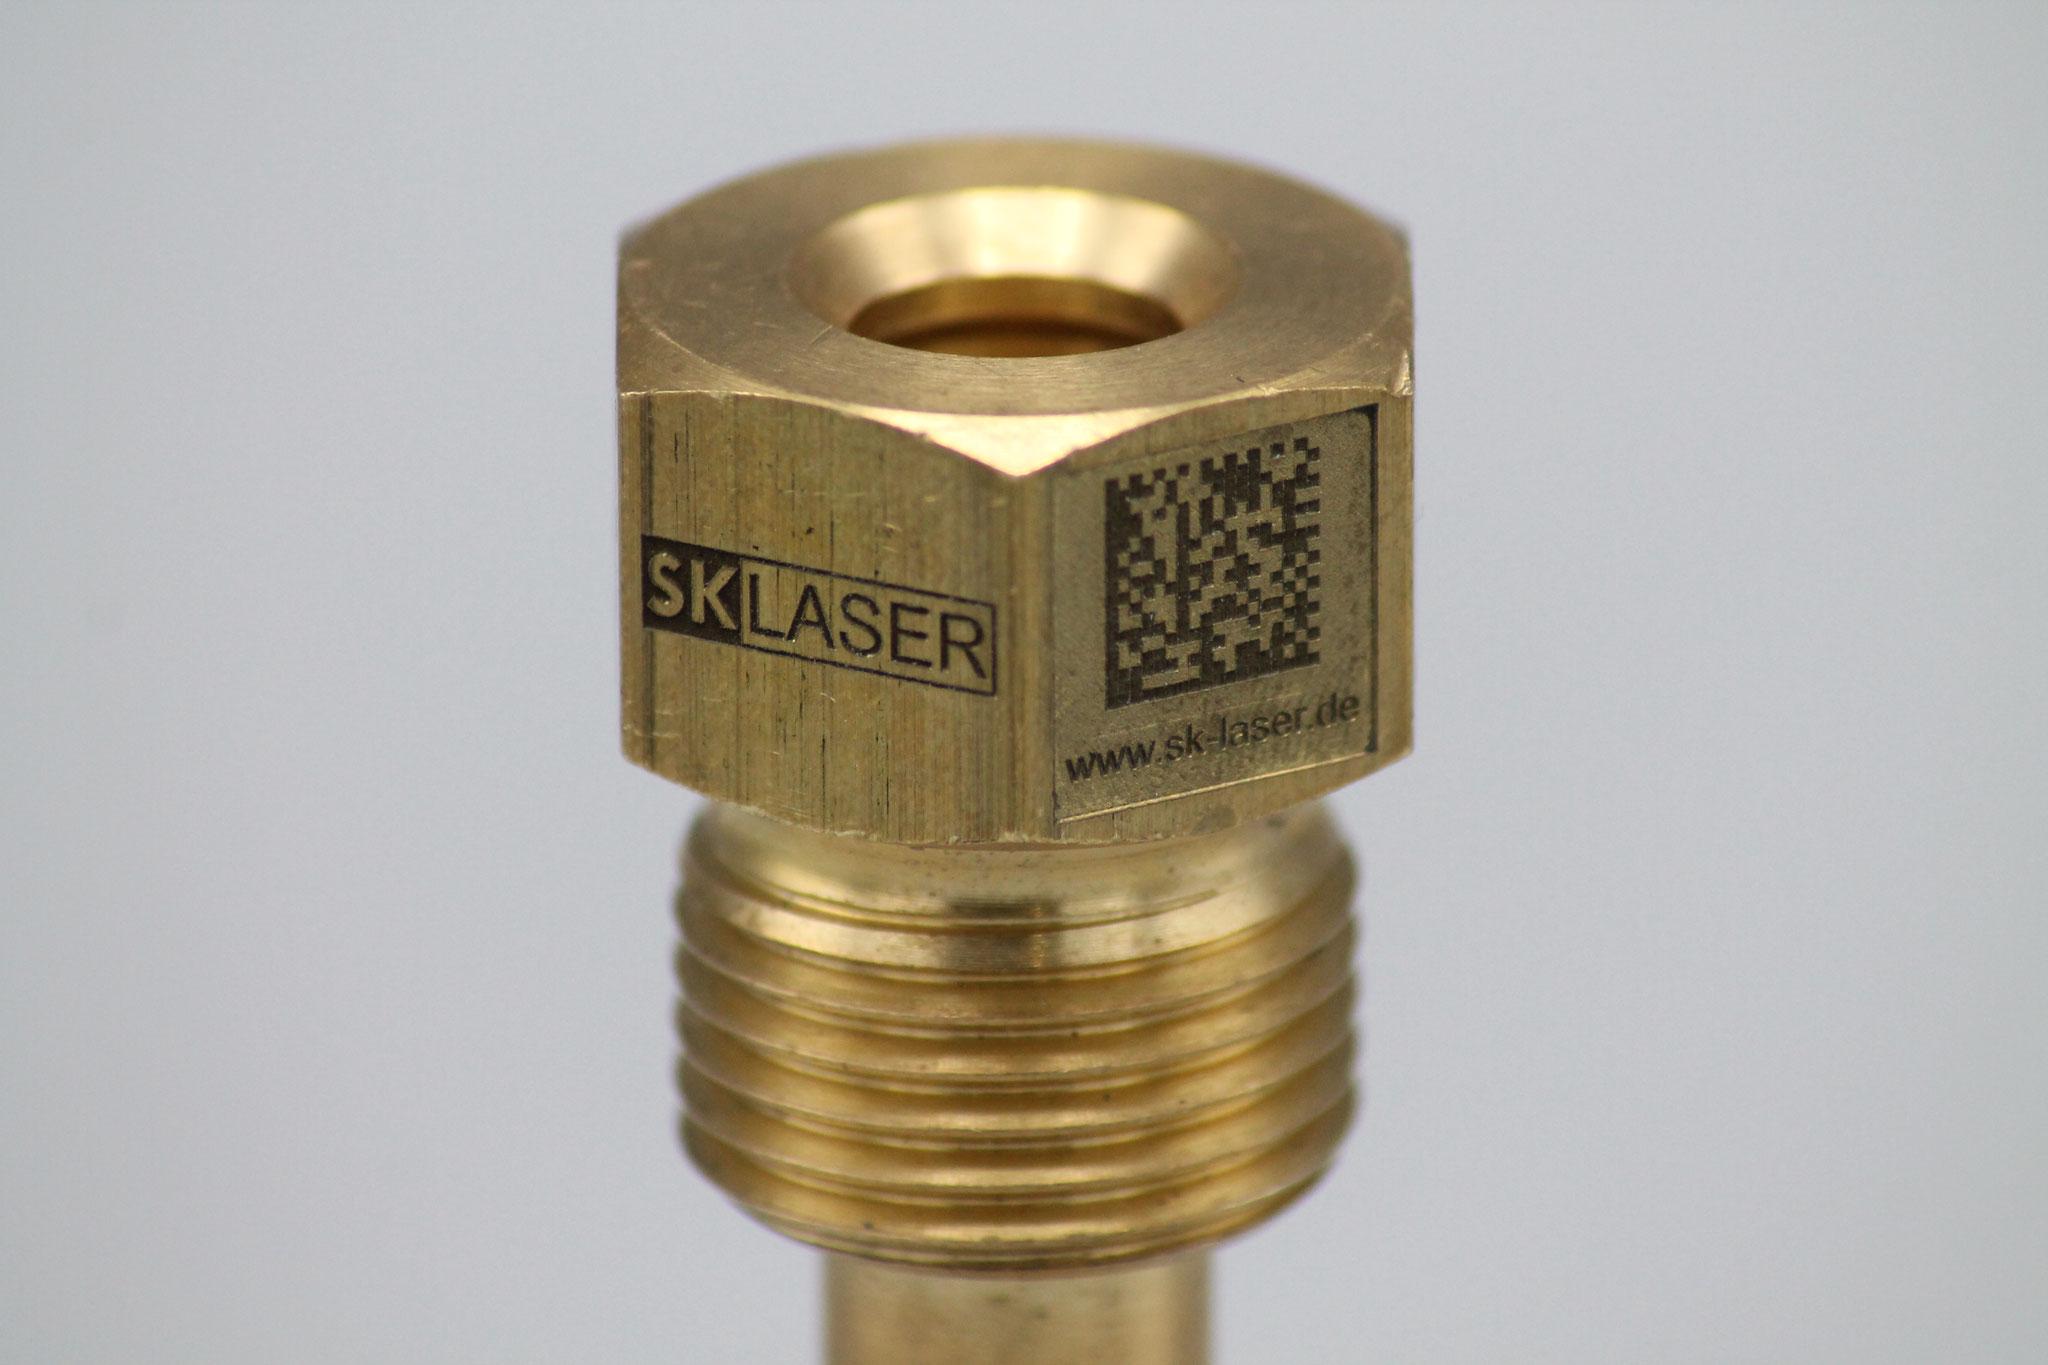 Lasergravur eines Data Matrix Codes und einem Logo auf Metall